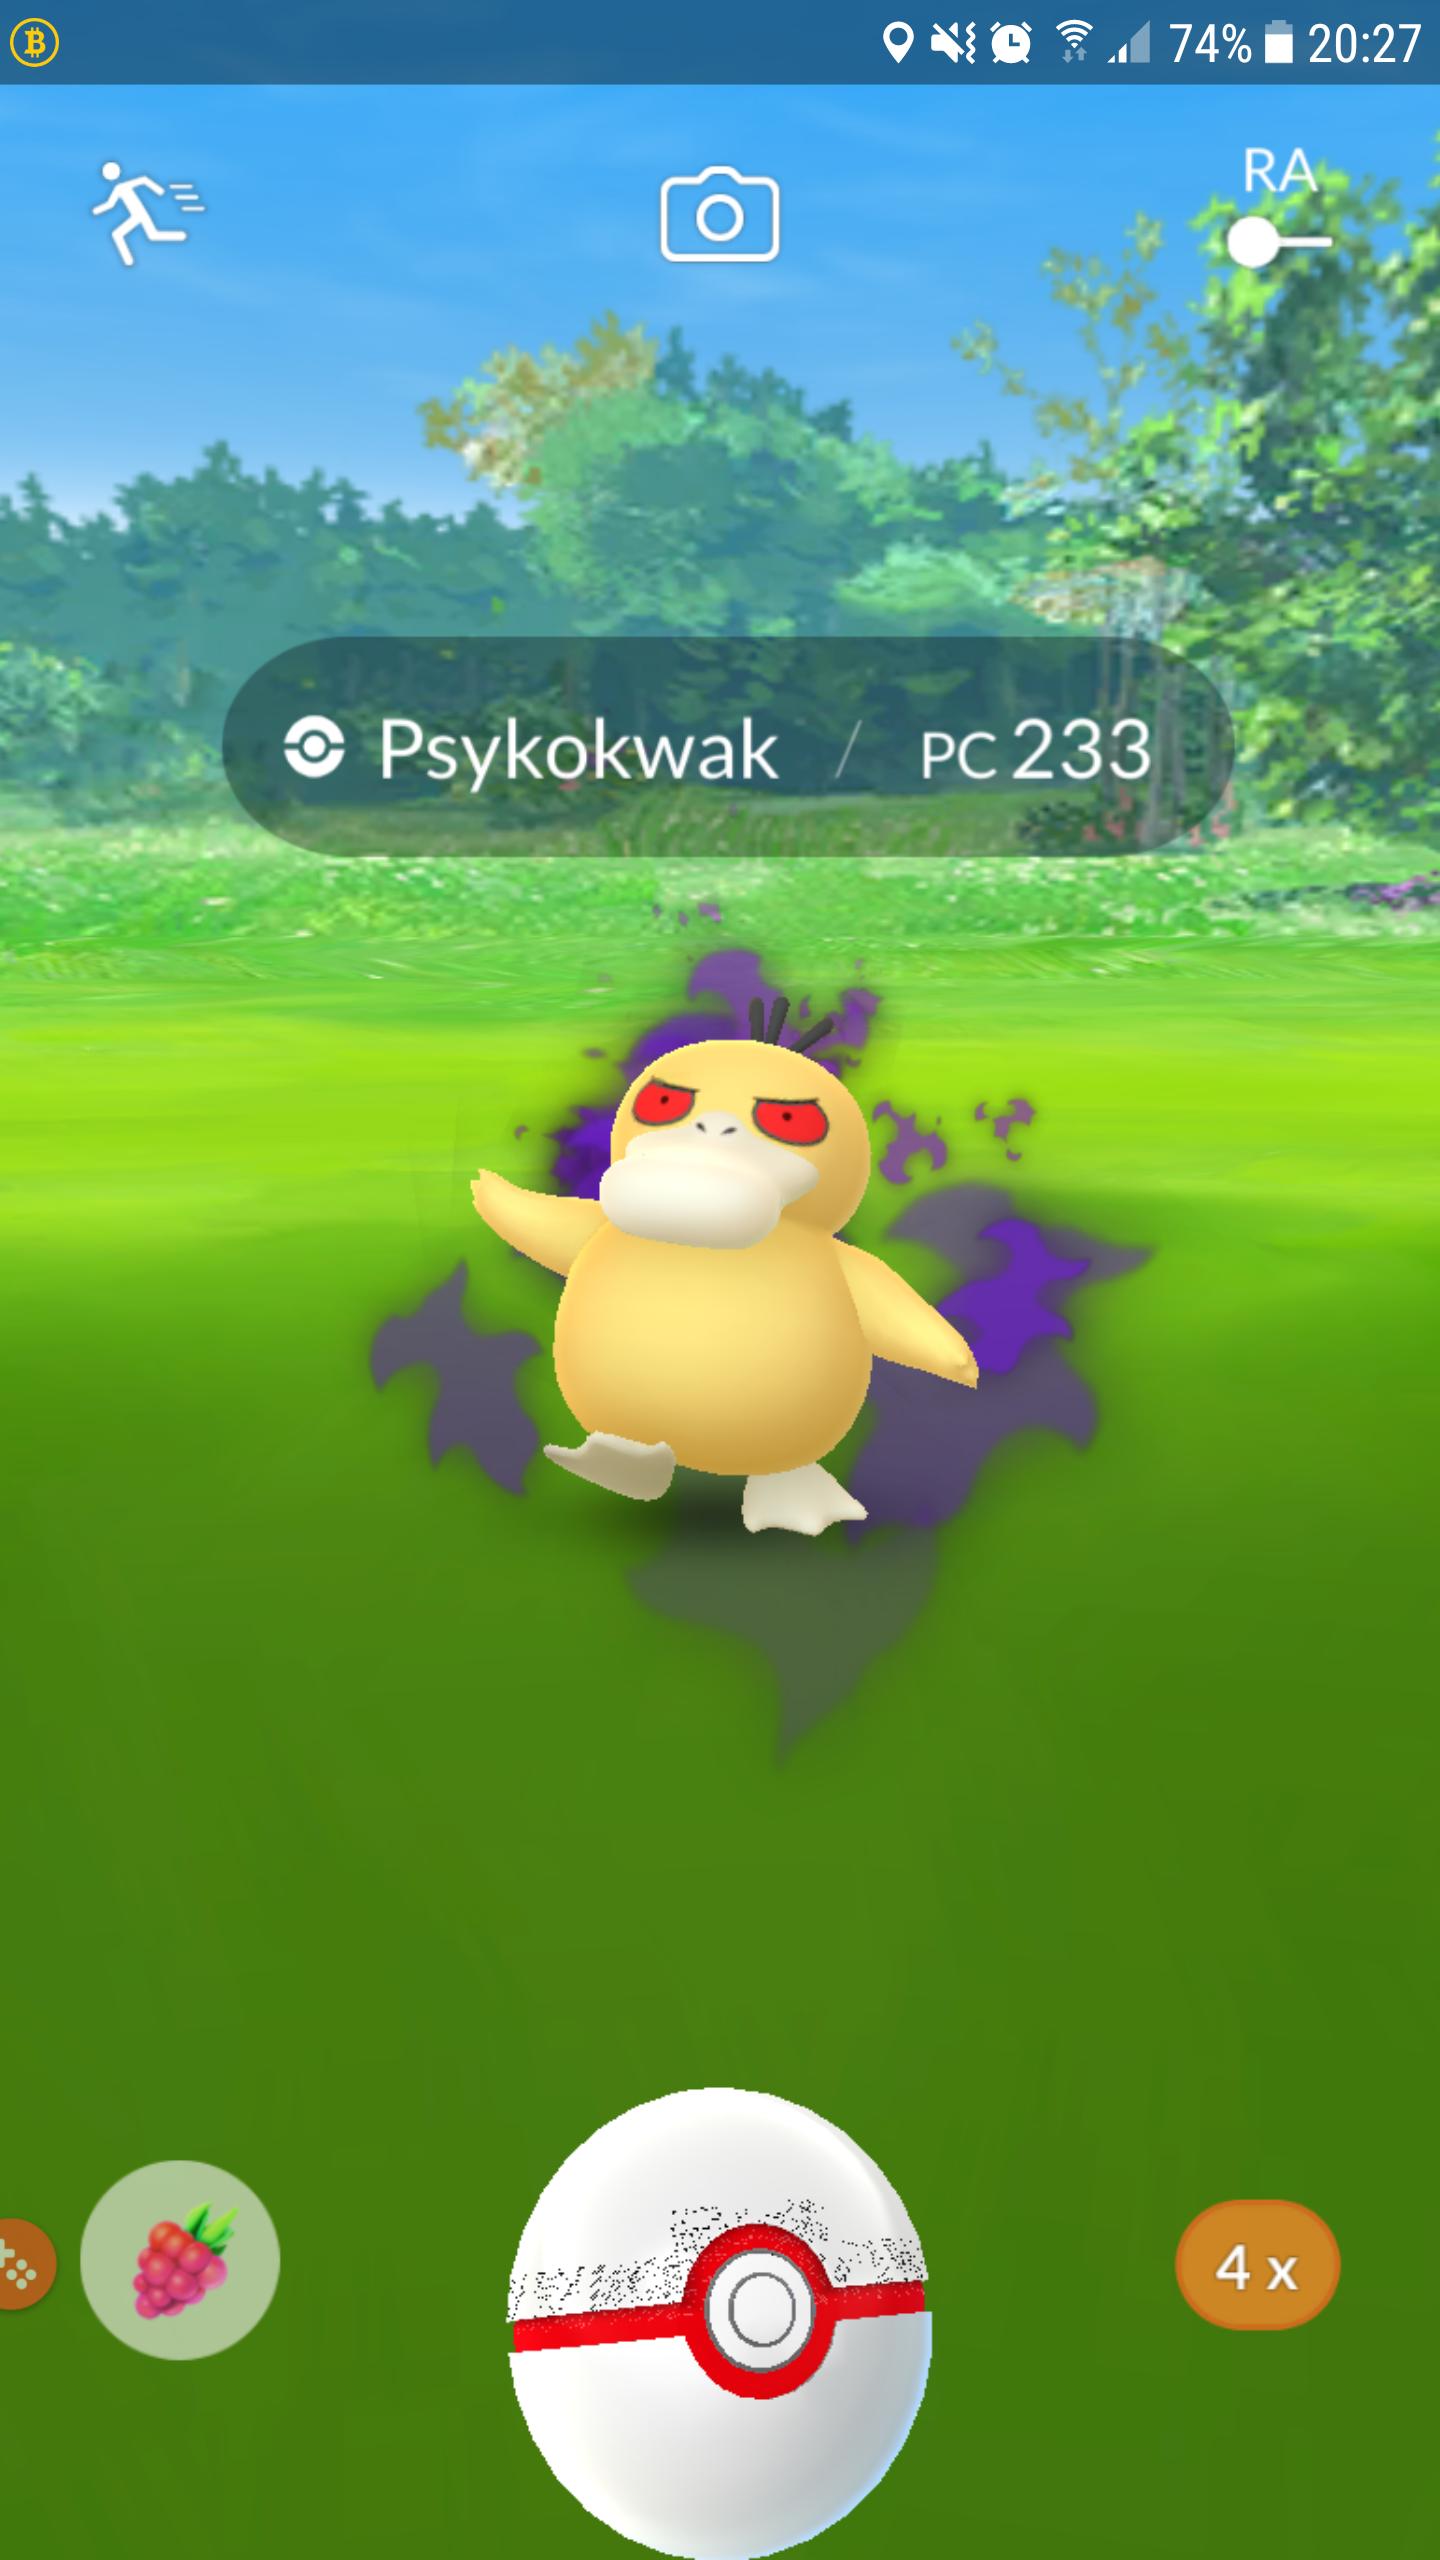 Pokémon Go - Psykokwak - Pc 233